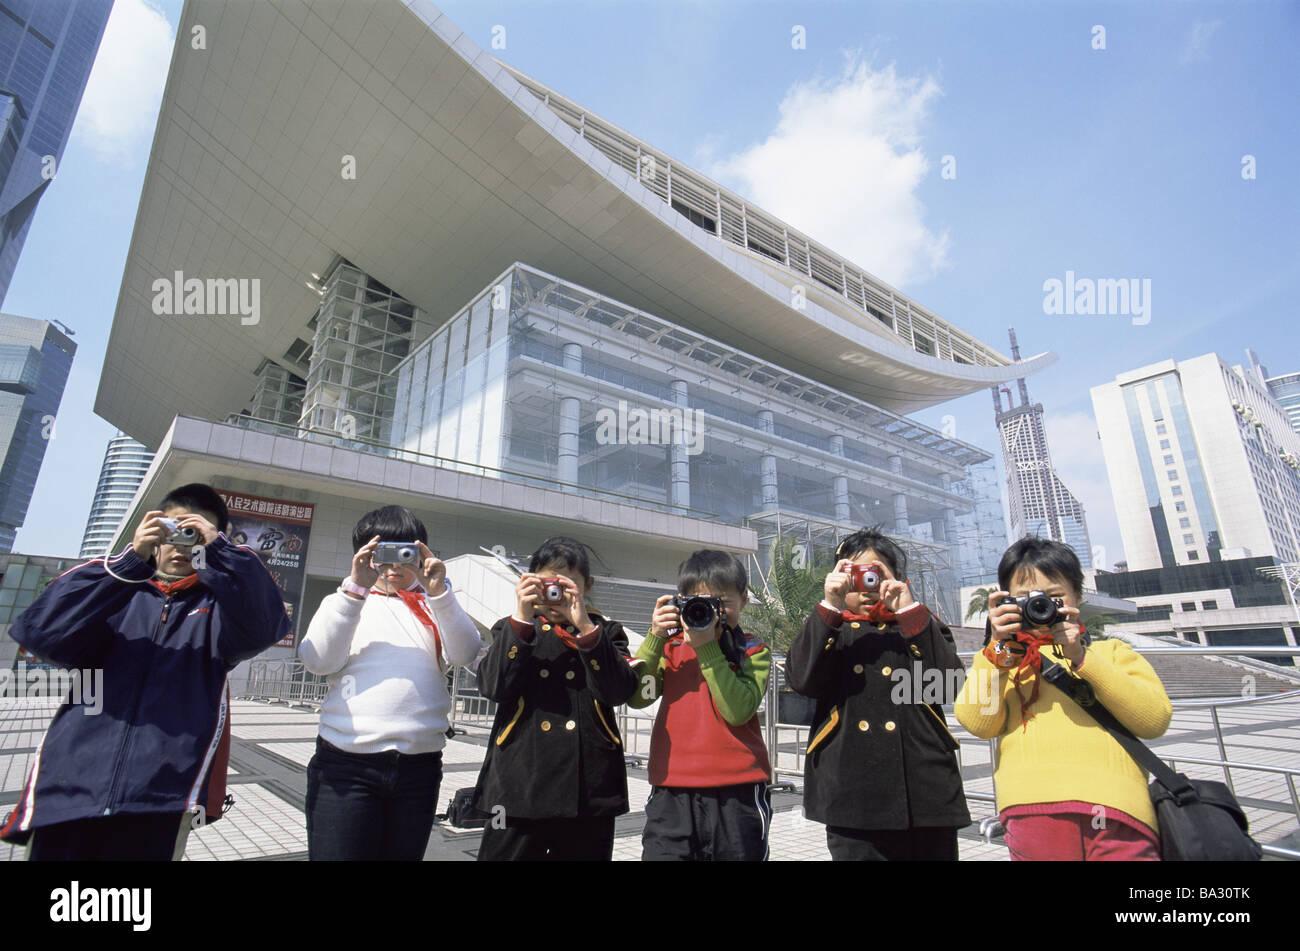 Cina Shanghai Shanghai Grand Theatre bambini telecamere fotografie n. I modelli Asia Orientale city Piazza del Popolo Immagini Stock